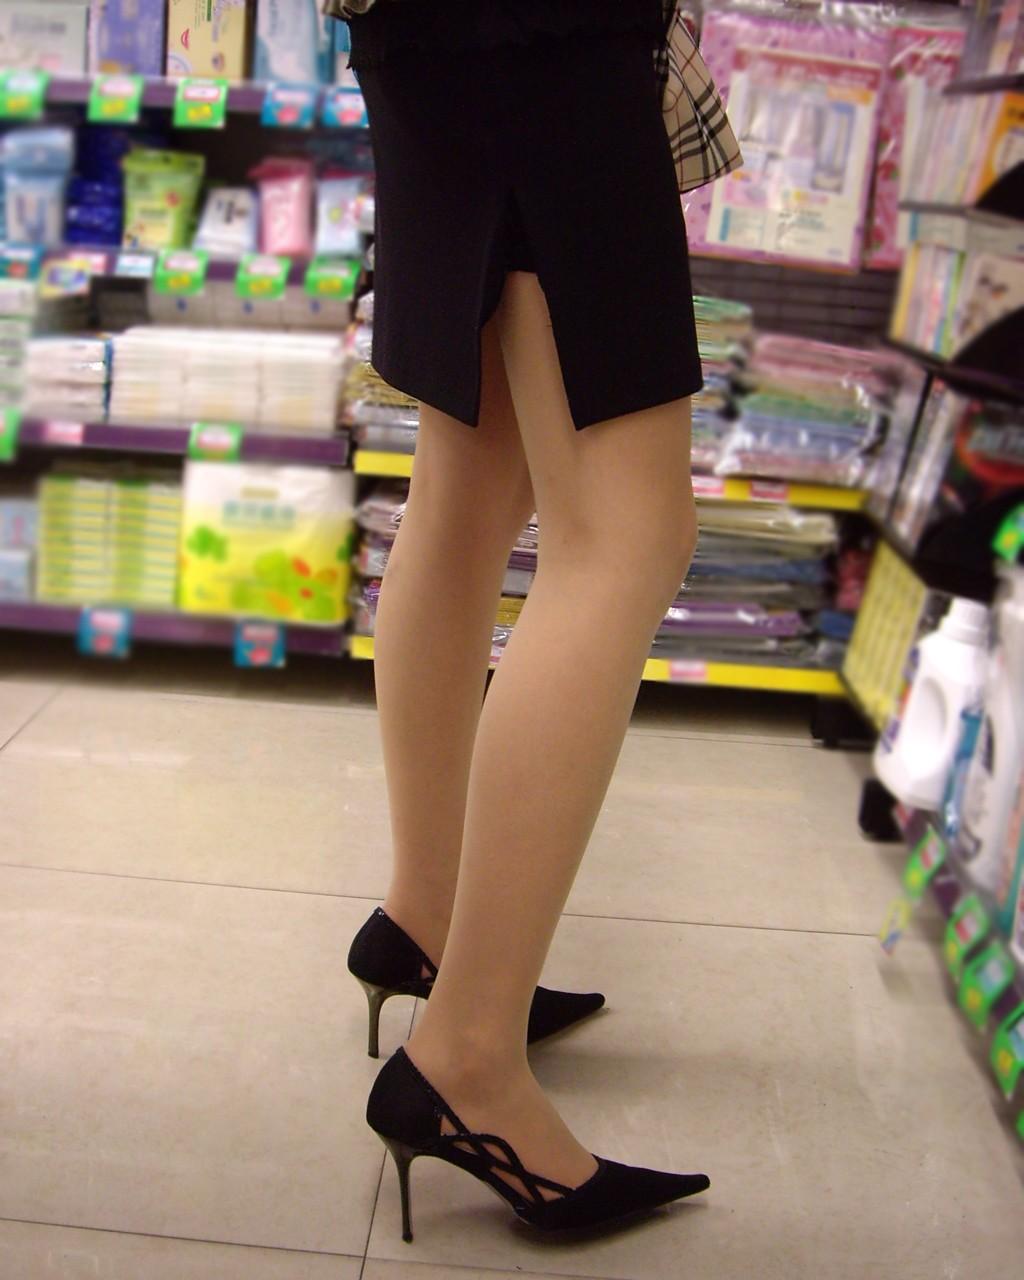 【ヒール美脚エロ画像】足蹴にされながら見上げるのが理想w鋭いヒールがよく似合う美脚www 16